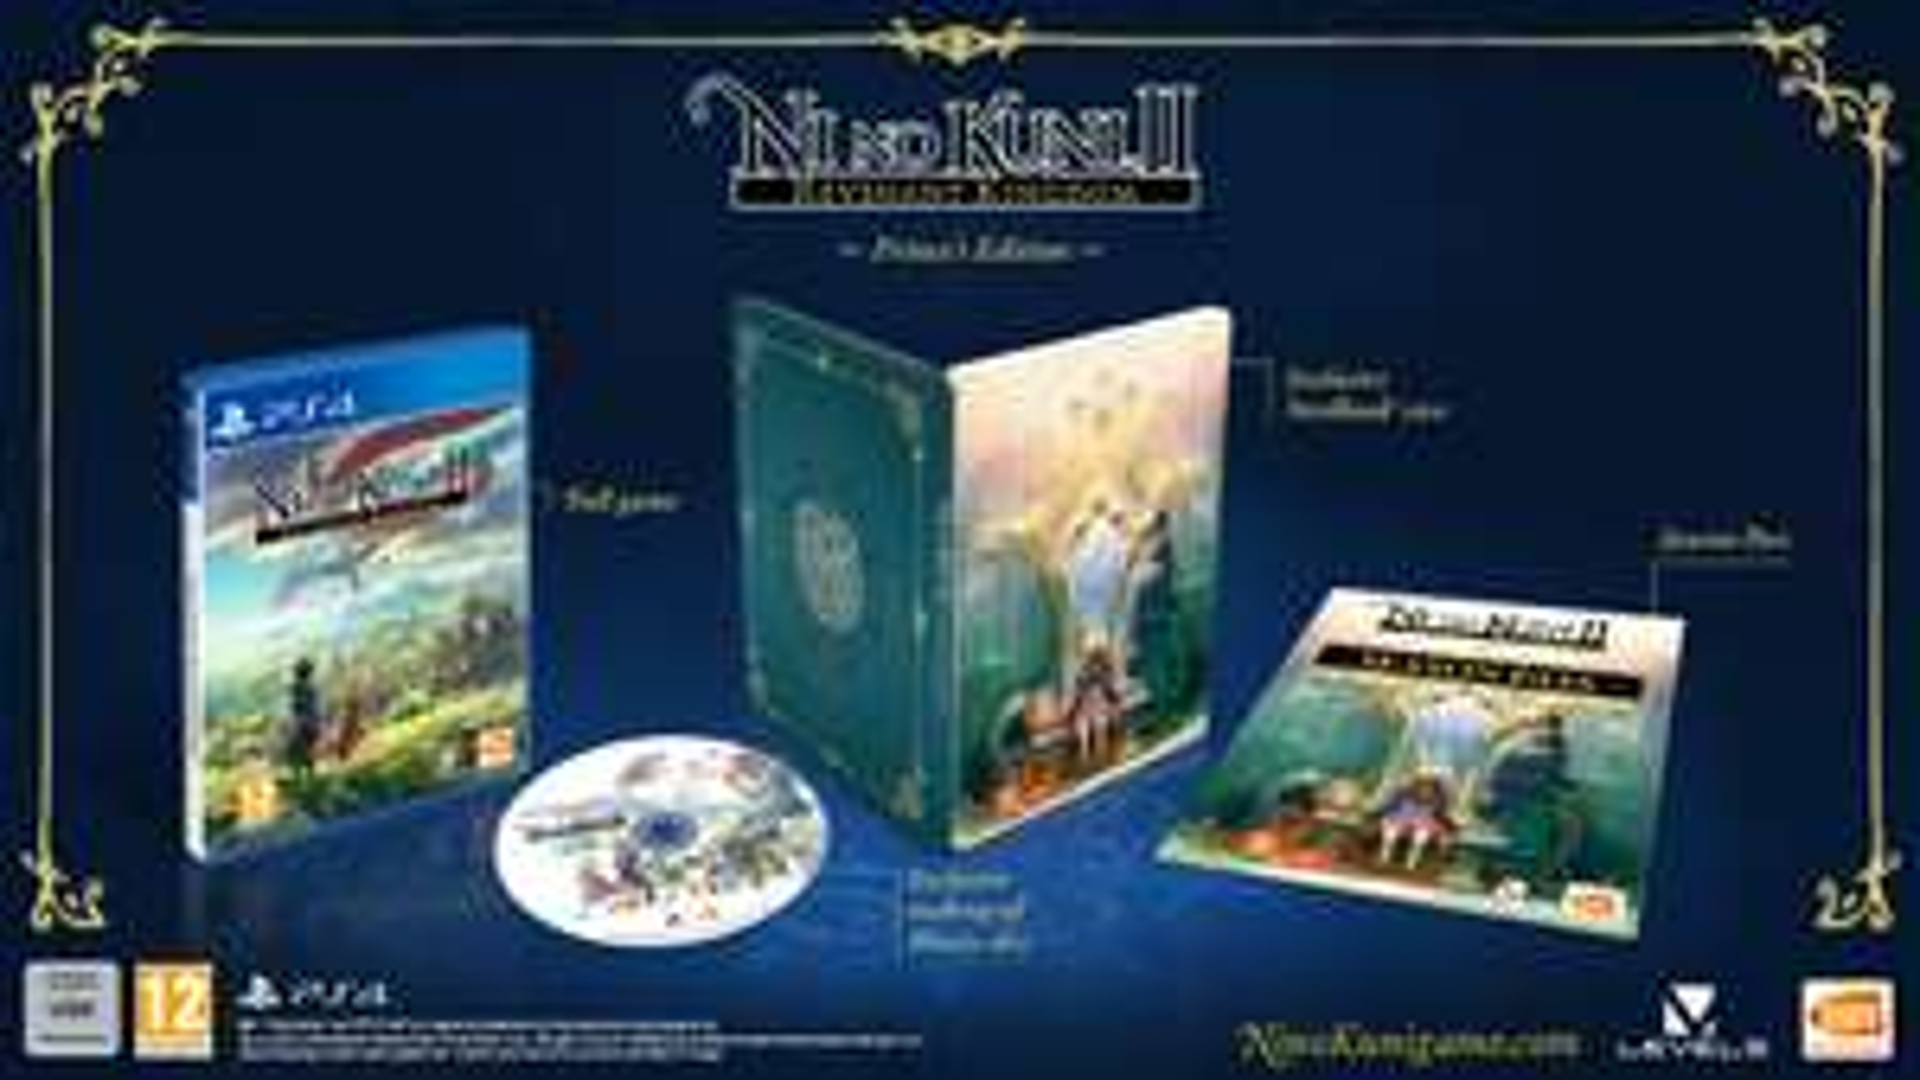 NI No Kuni 2: Princes Edition (PS4) £59.99 at Game